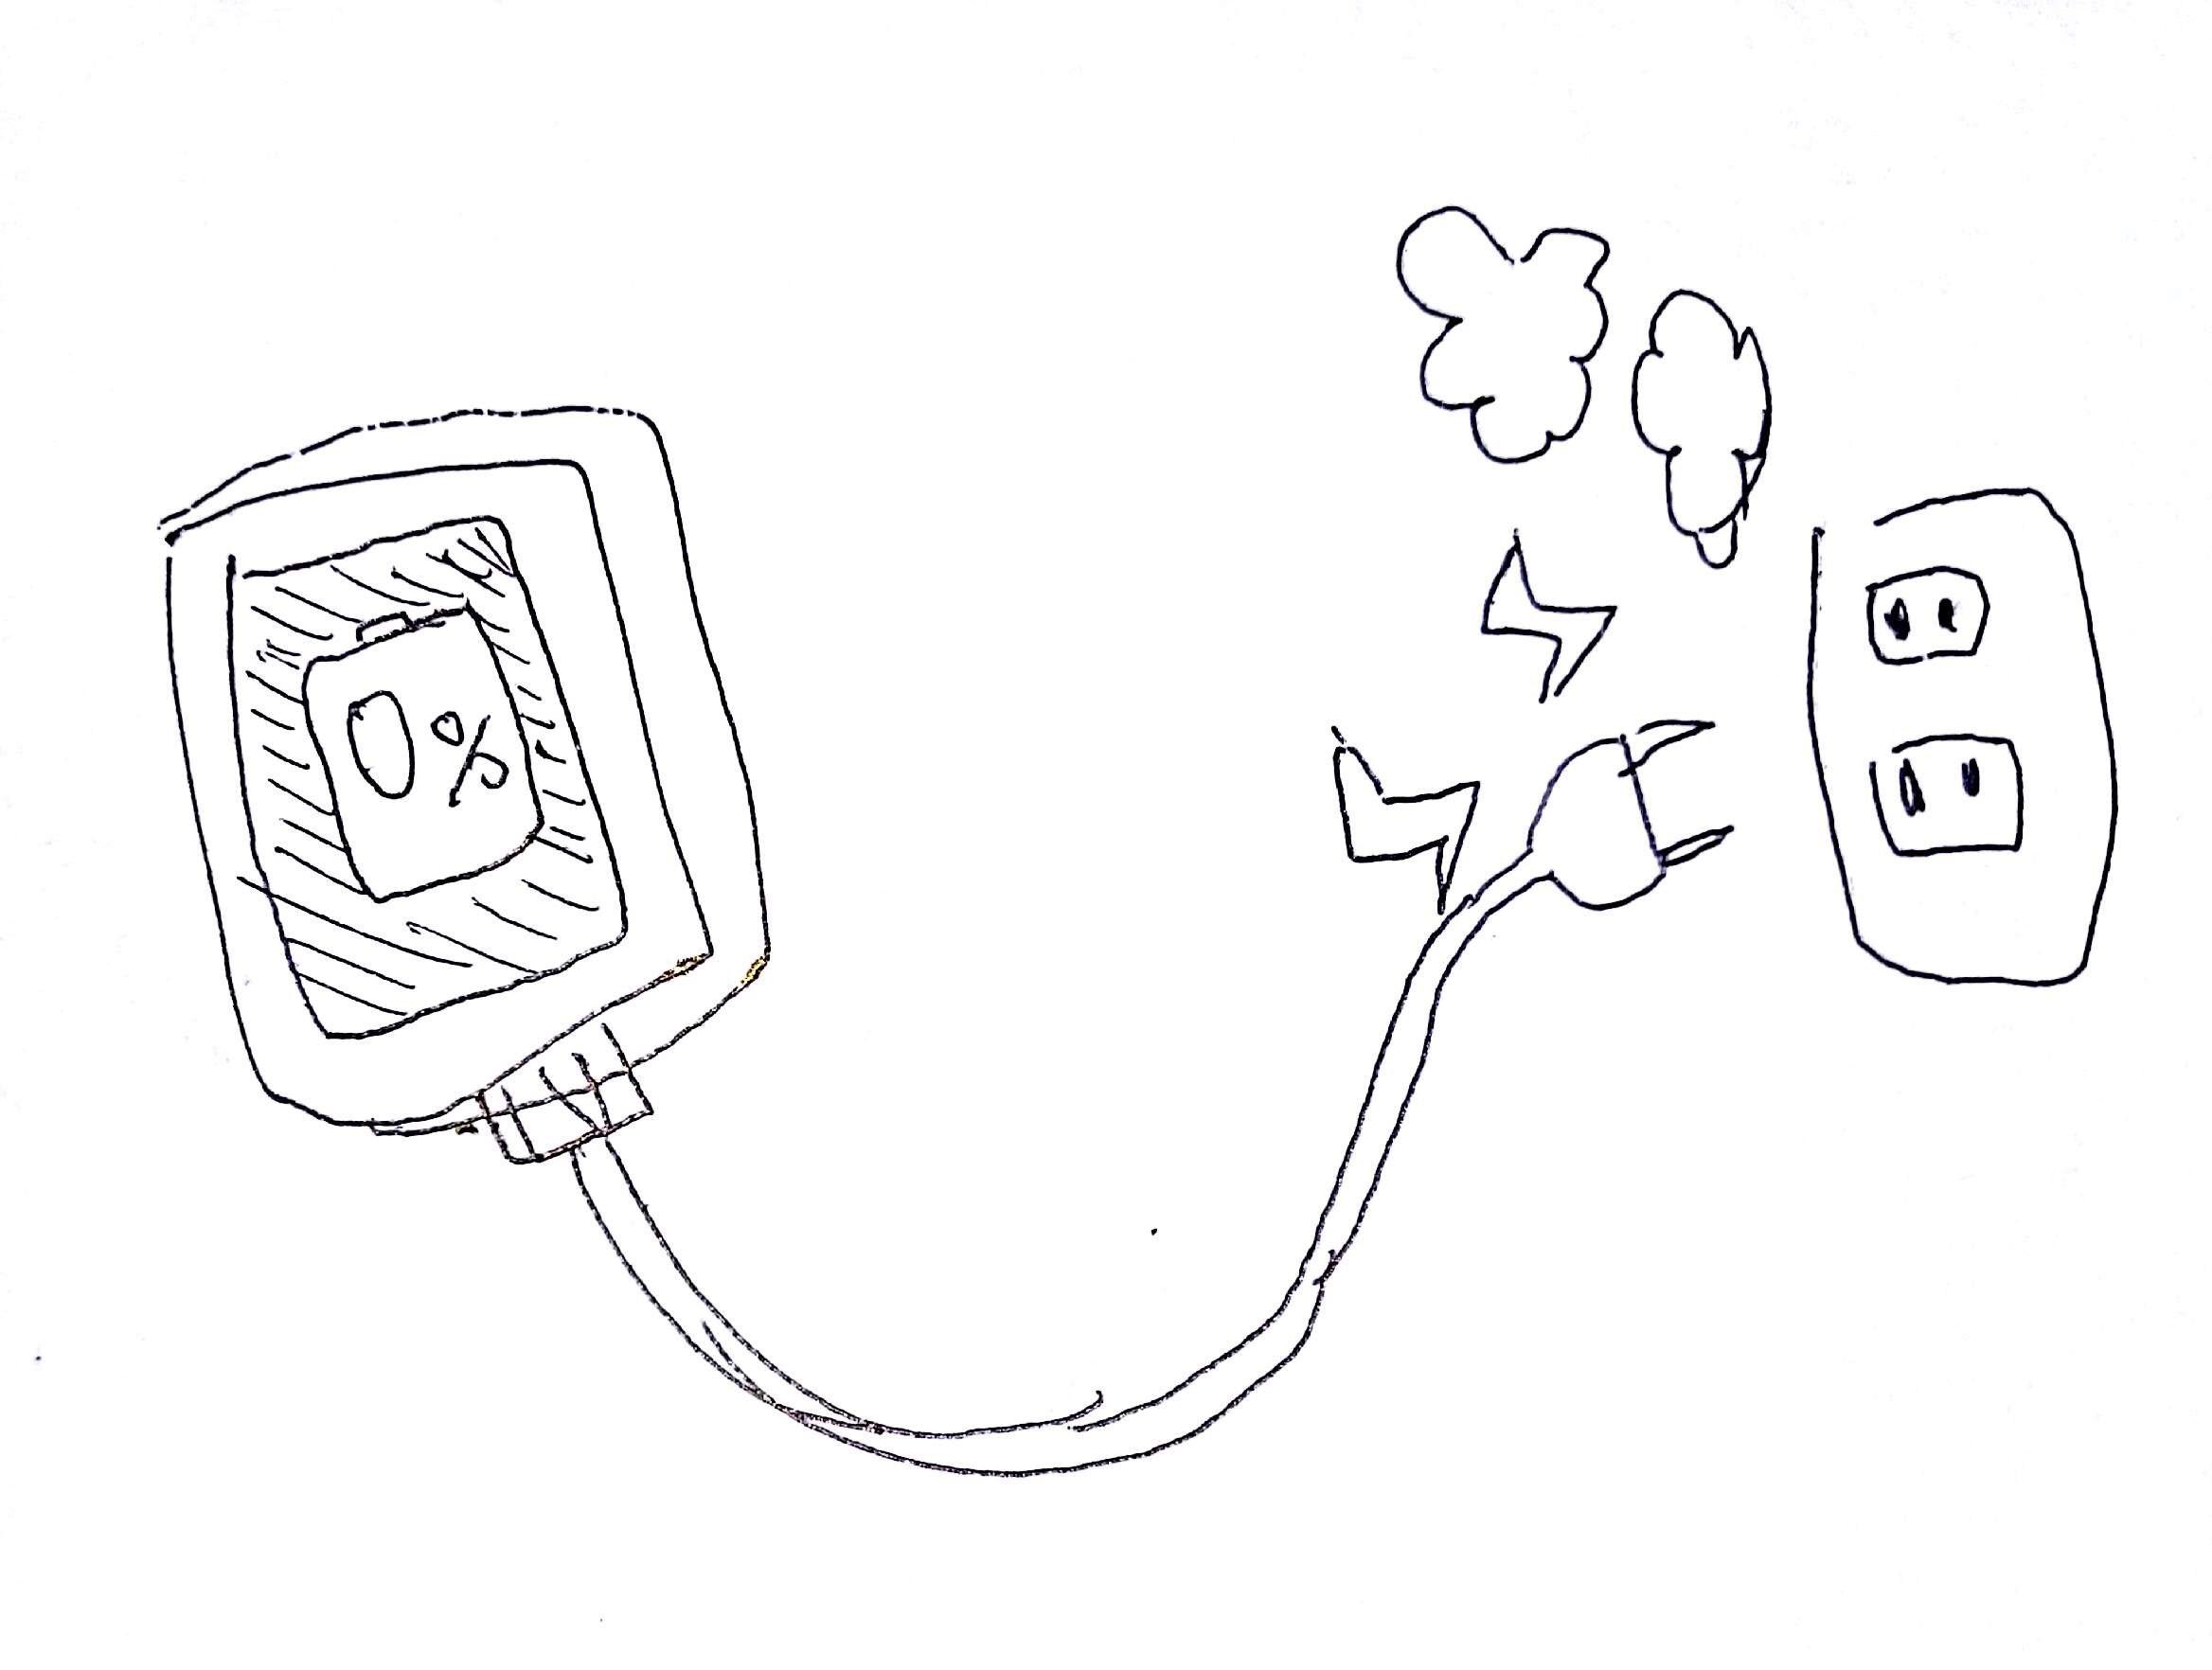 【au】交換サービス 電話・ネット申し込みのメリット・デメリット【android】